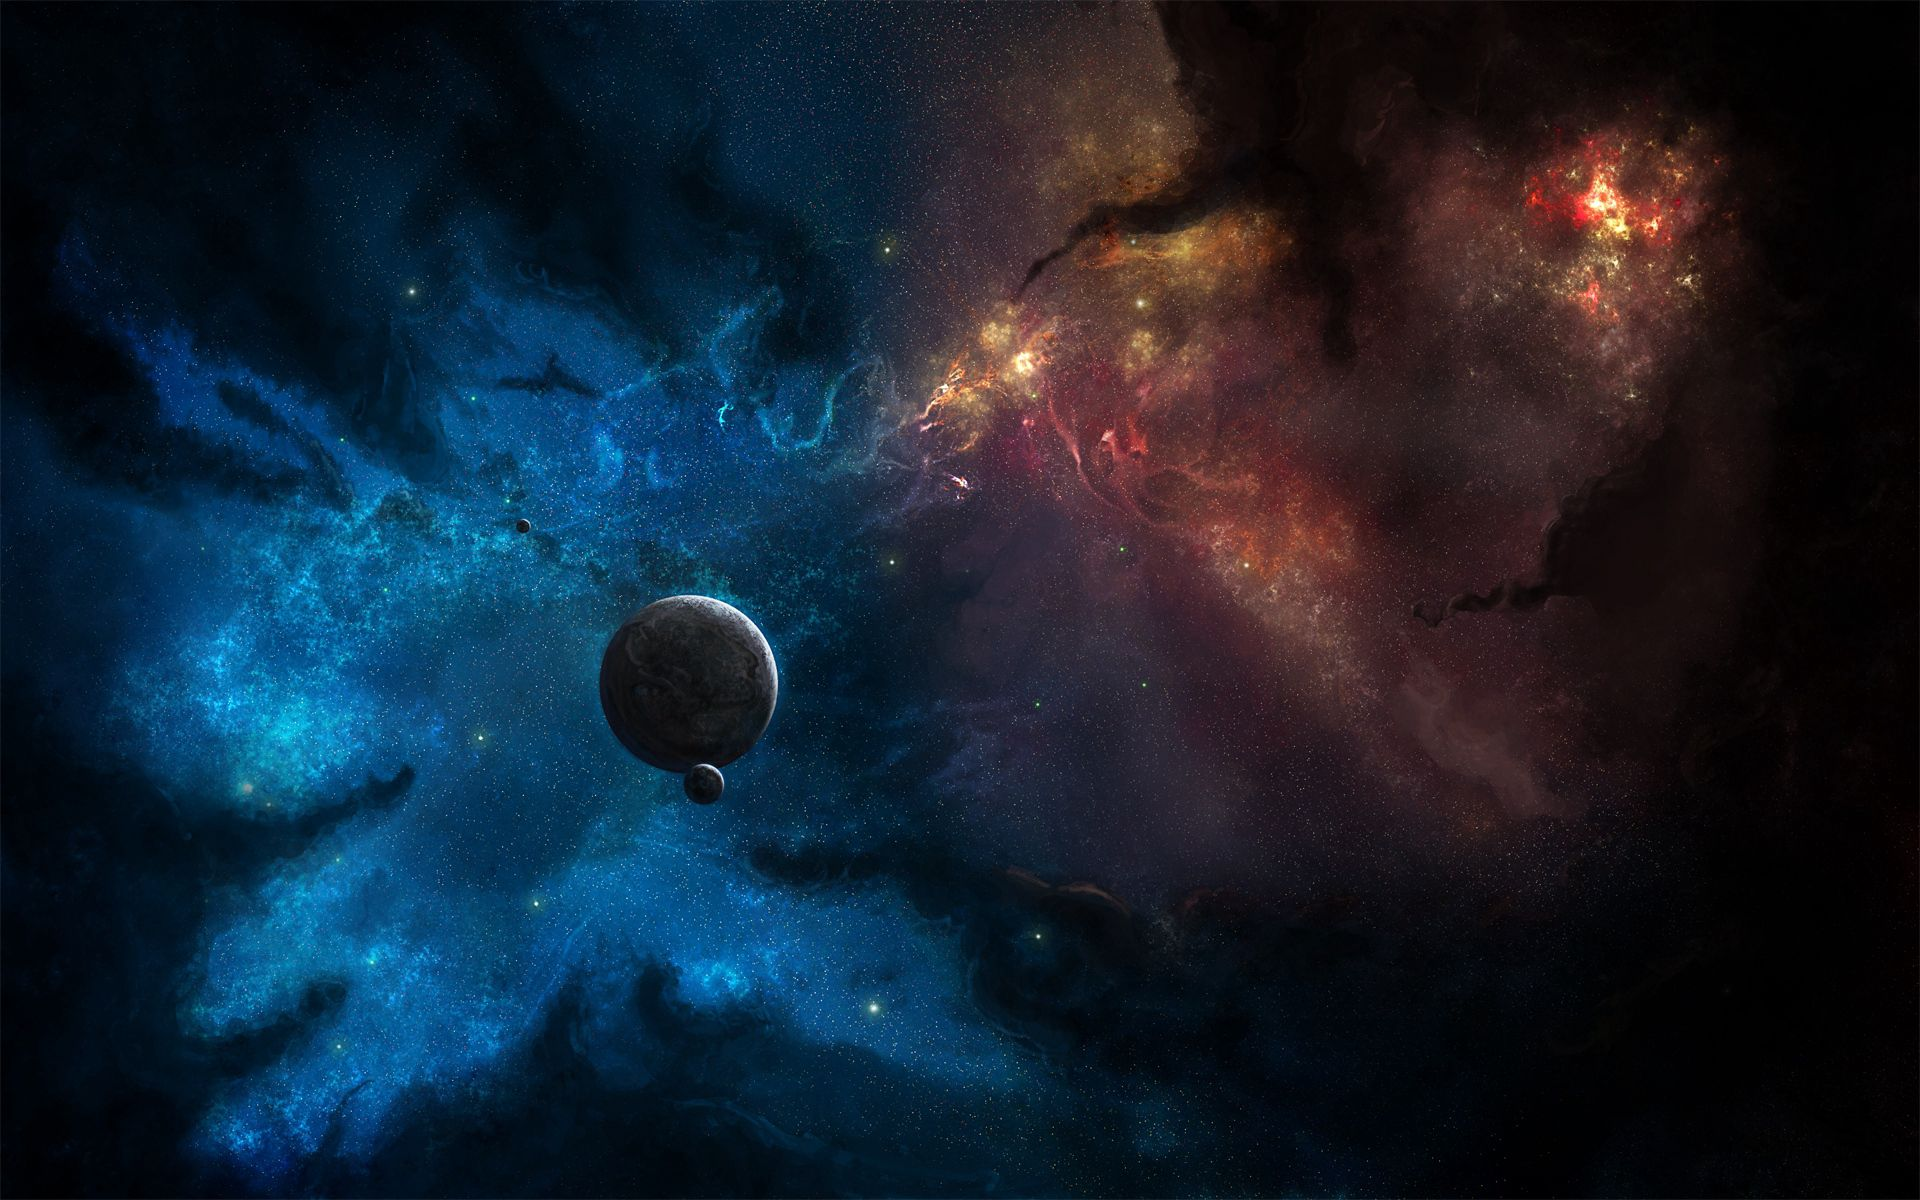 143187 Hintergrundbild herunterladen Planets, Universum, Sterne, Blitz, Ausbrüche - Bildschirmschoner und Bilder kostenlos